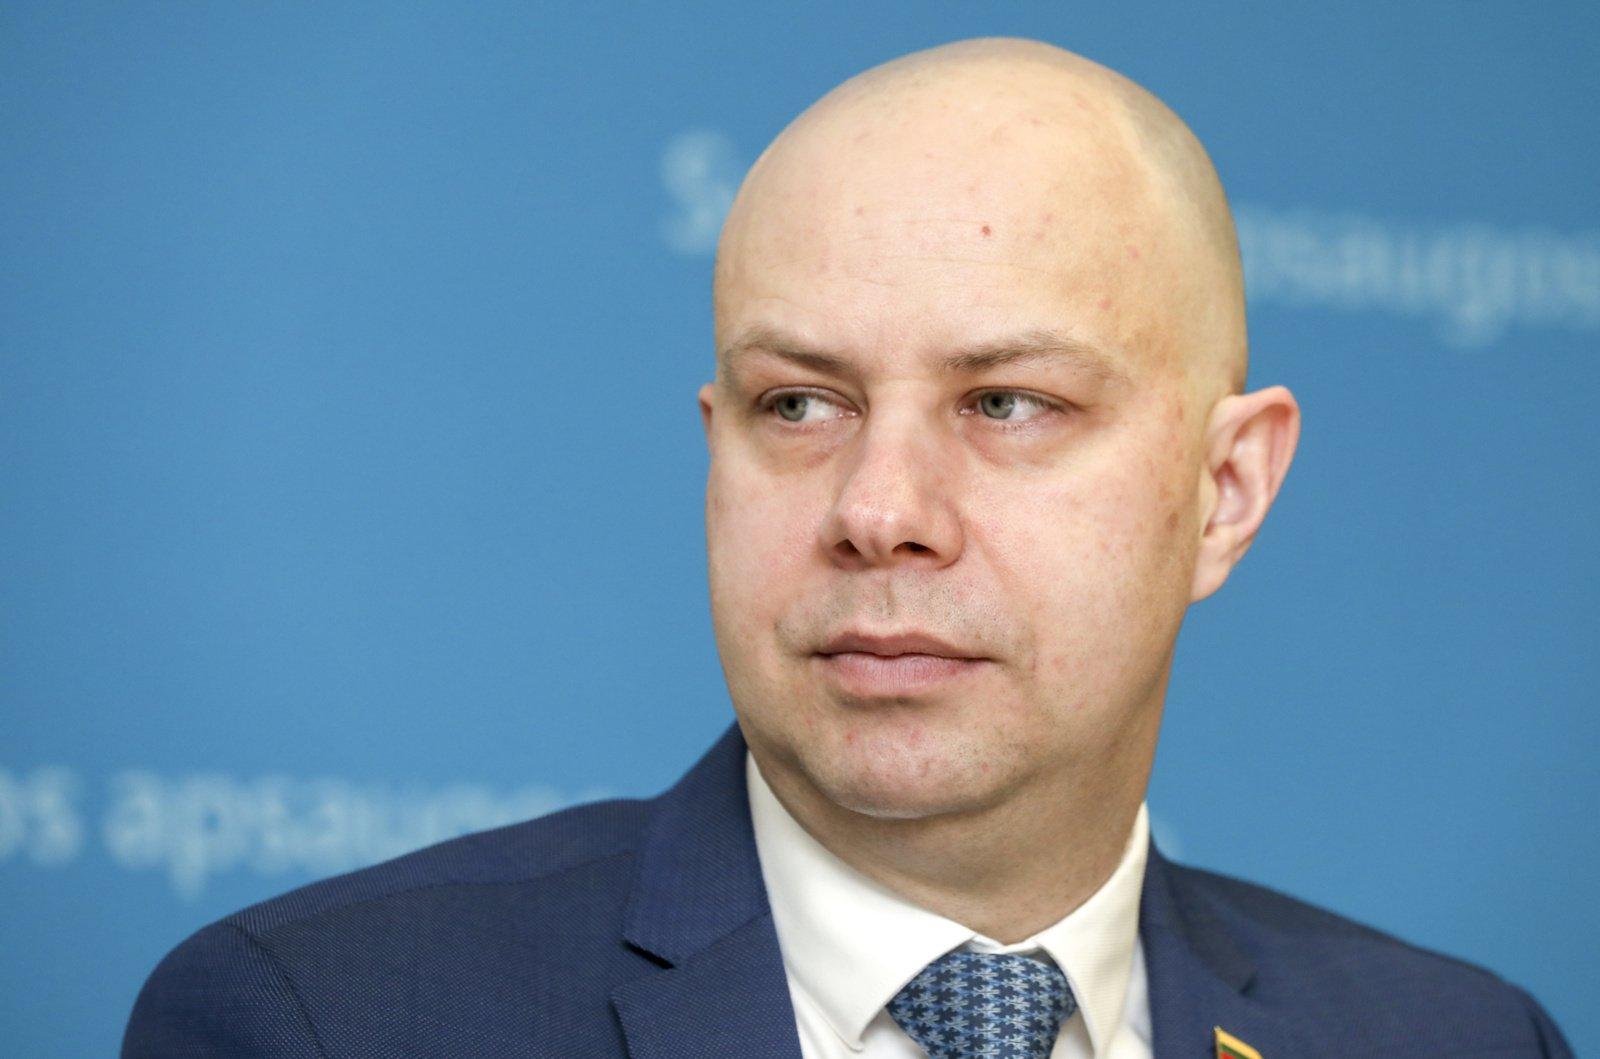 Sveikatos apsaugos ministras A. Veryga savaite susitrumpins atostogas